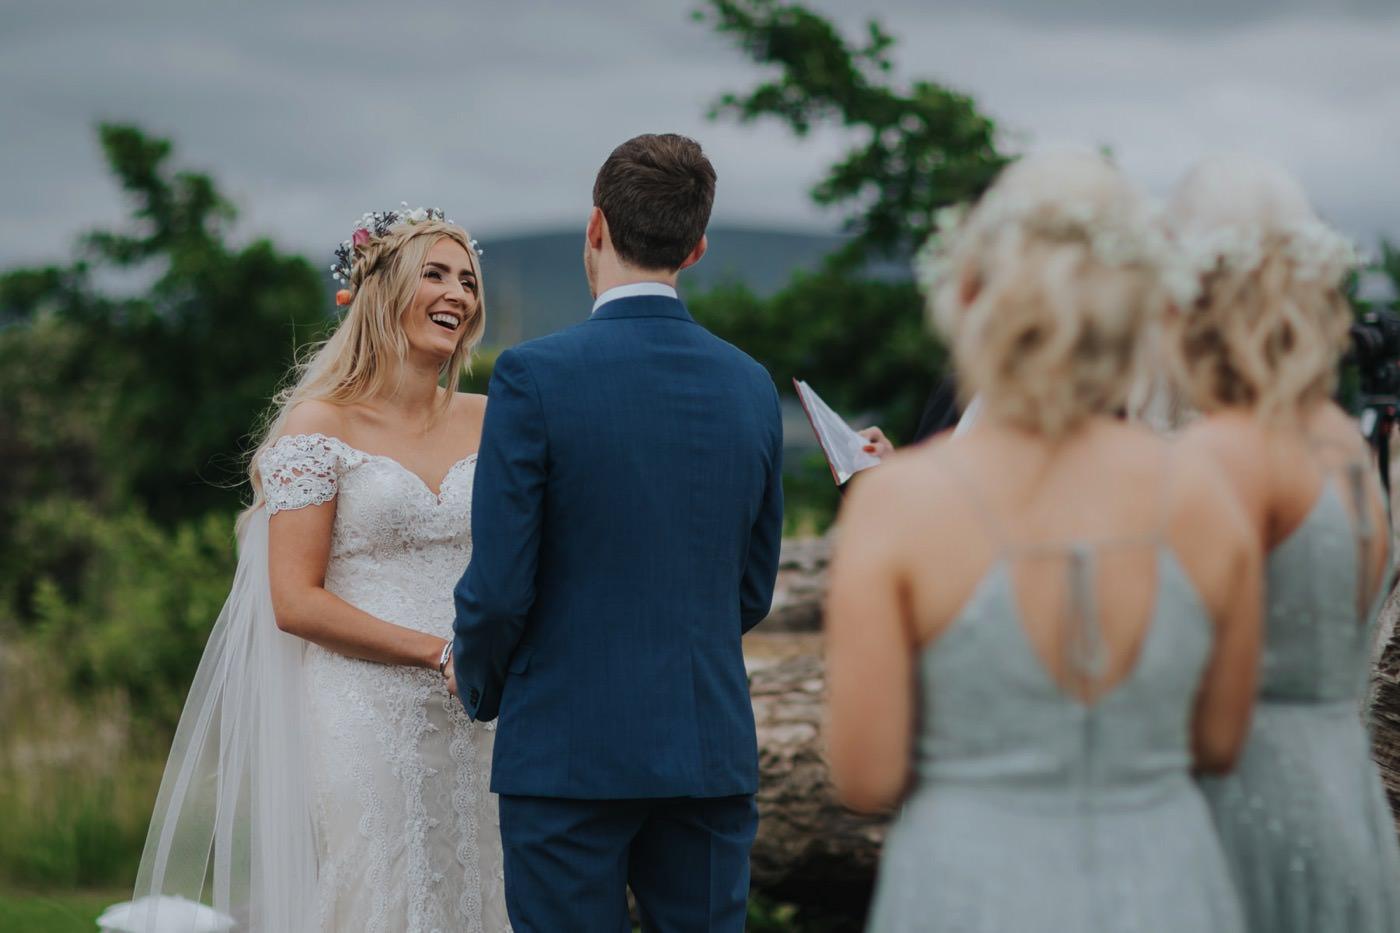 Robyn & Alex | Angrove Park wedding 120